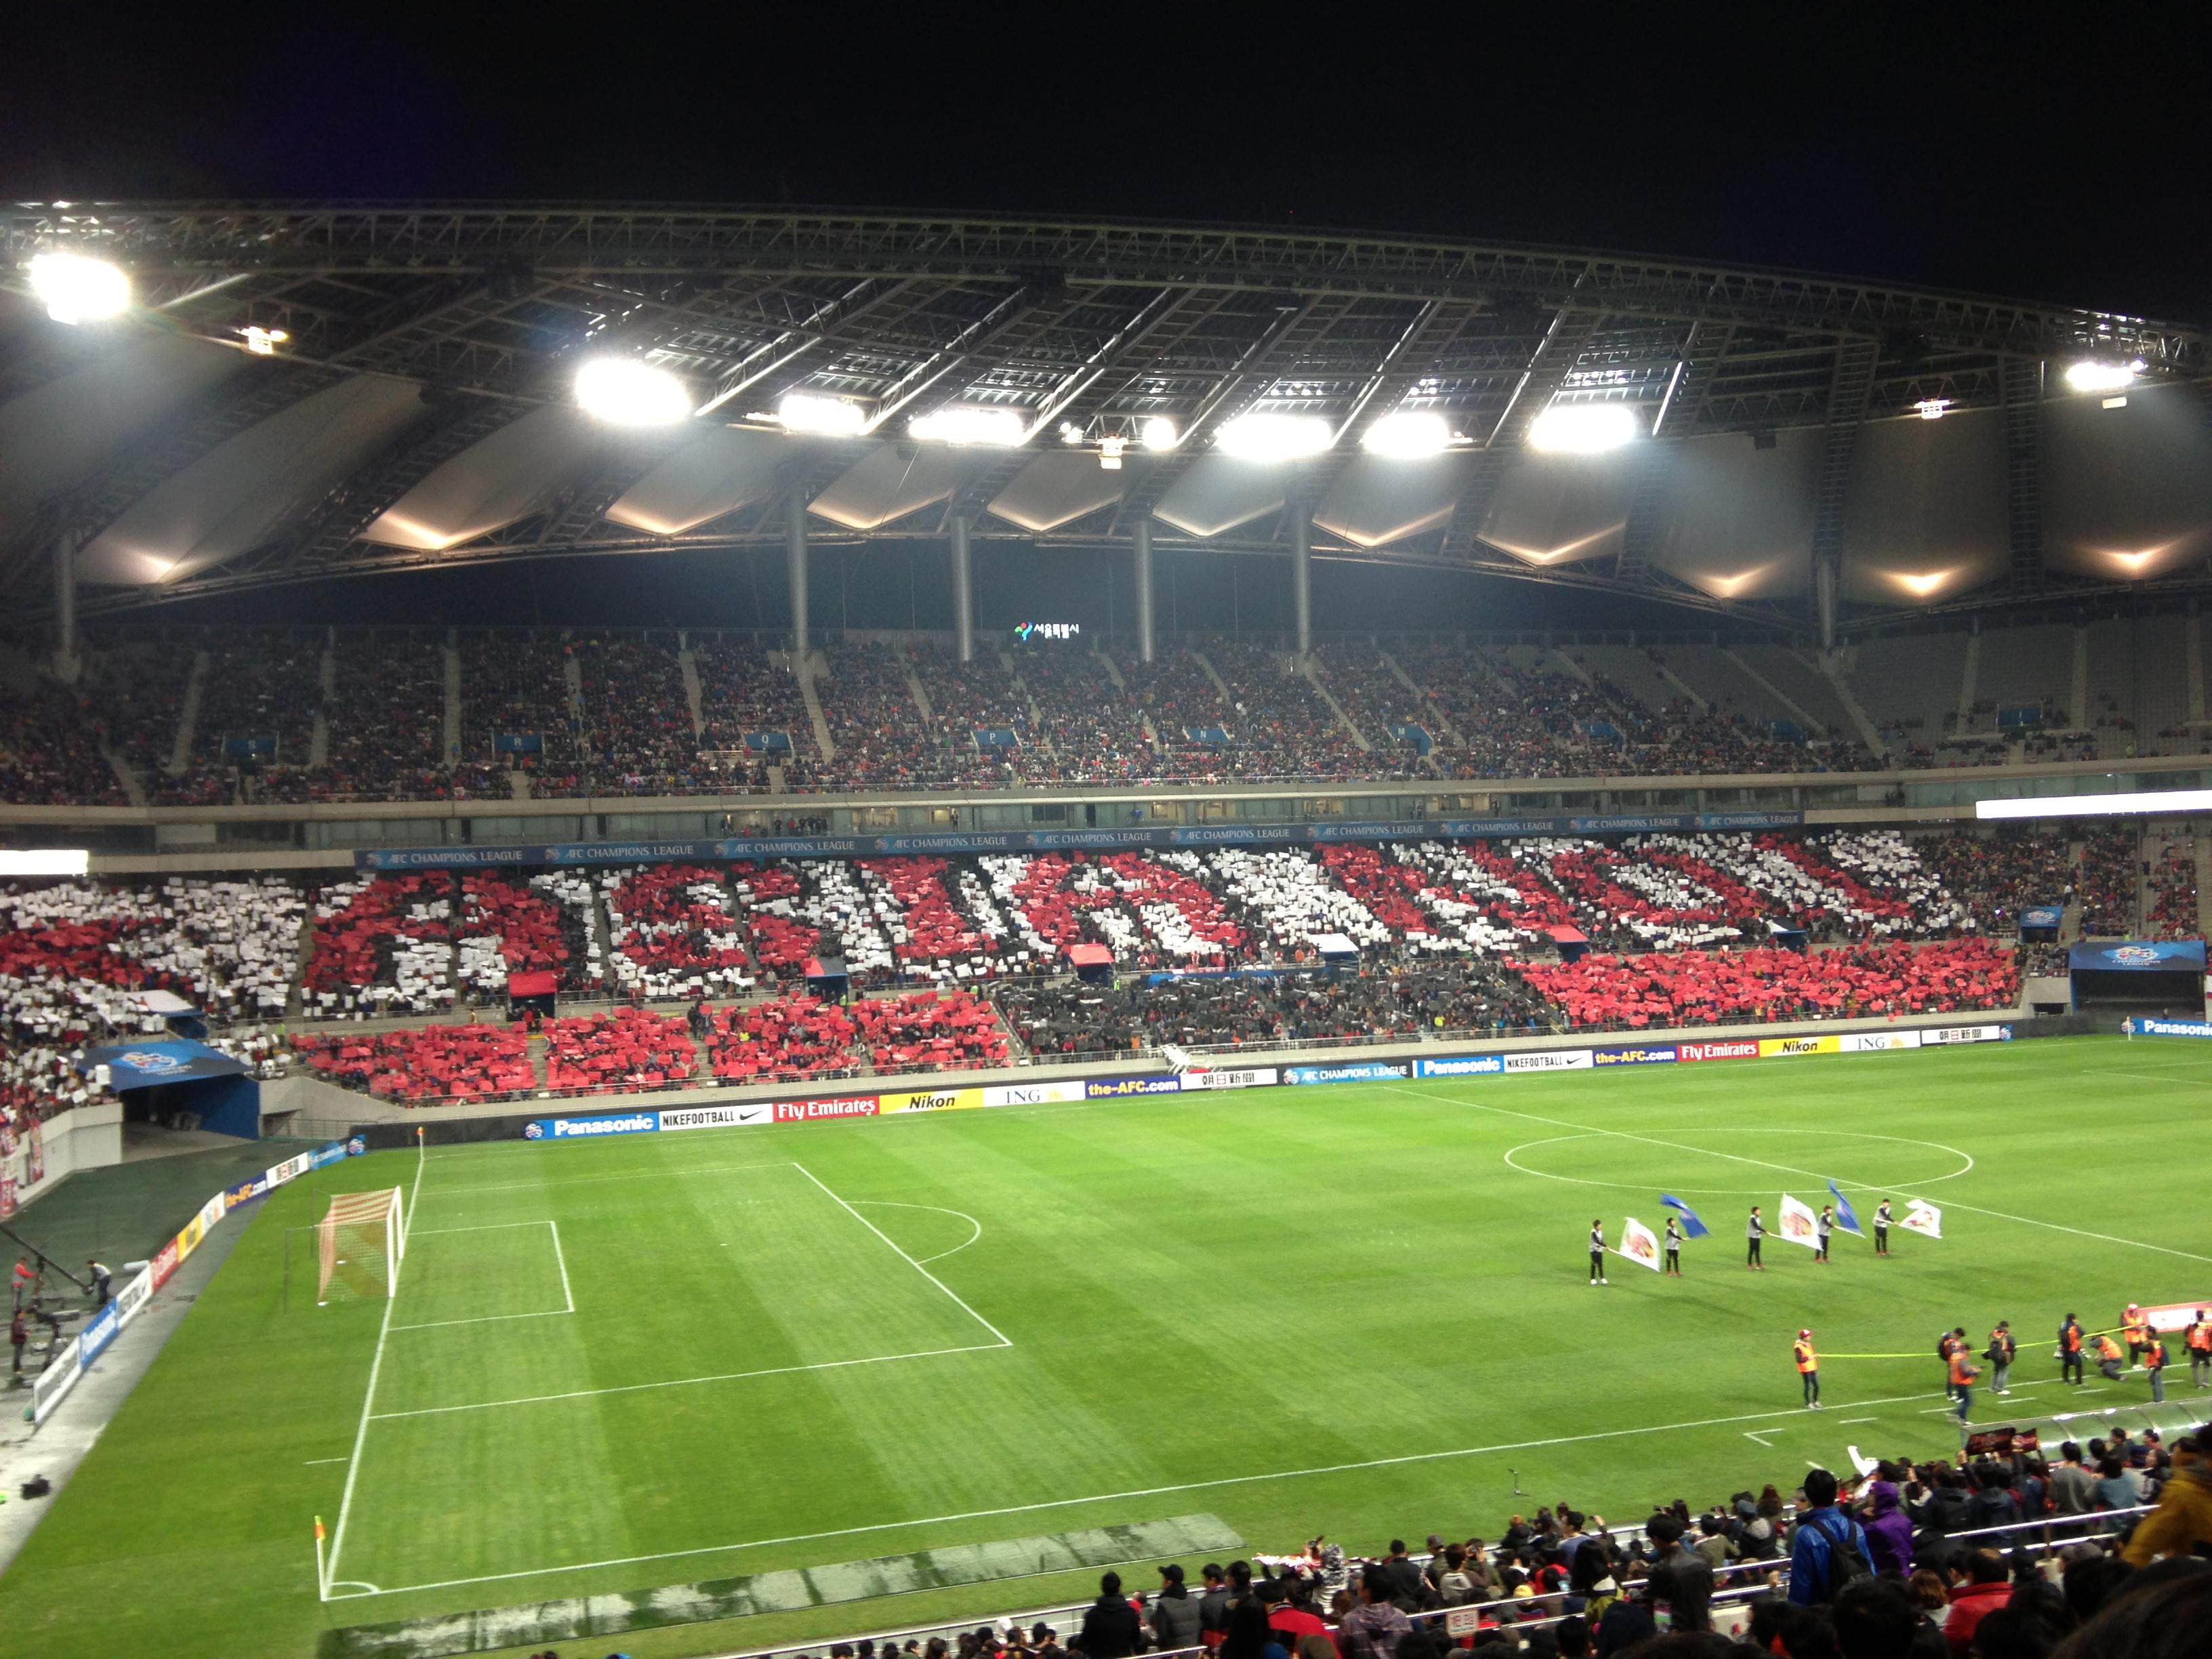 ورزشگاه جام جهانی سئول